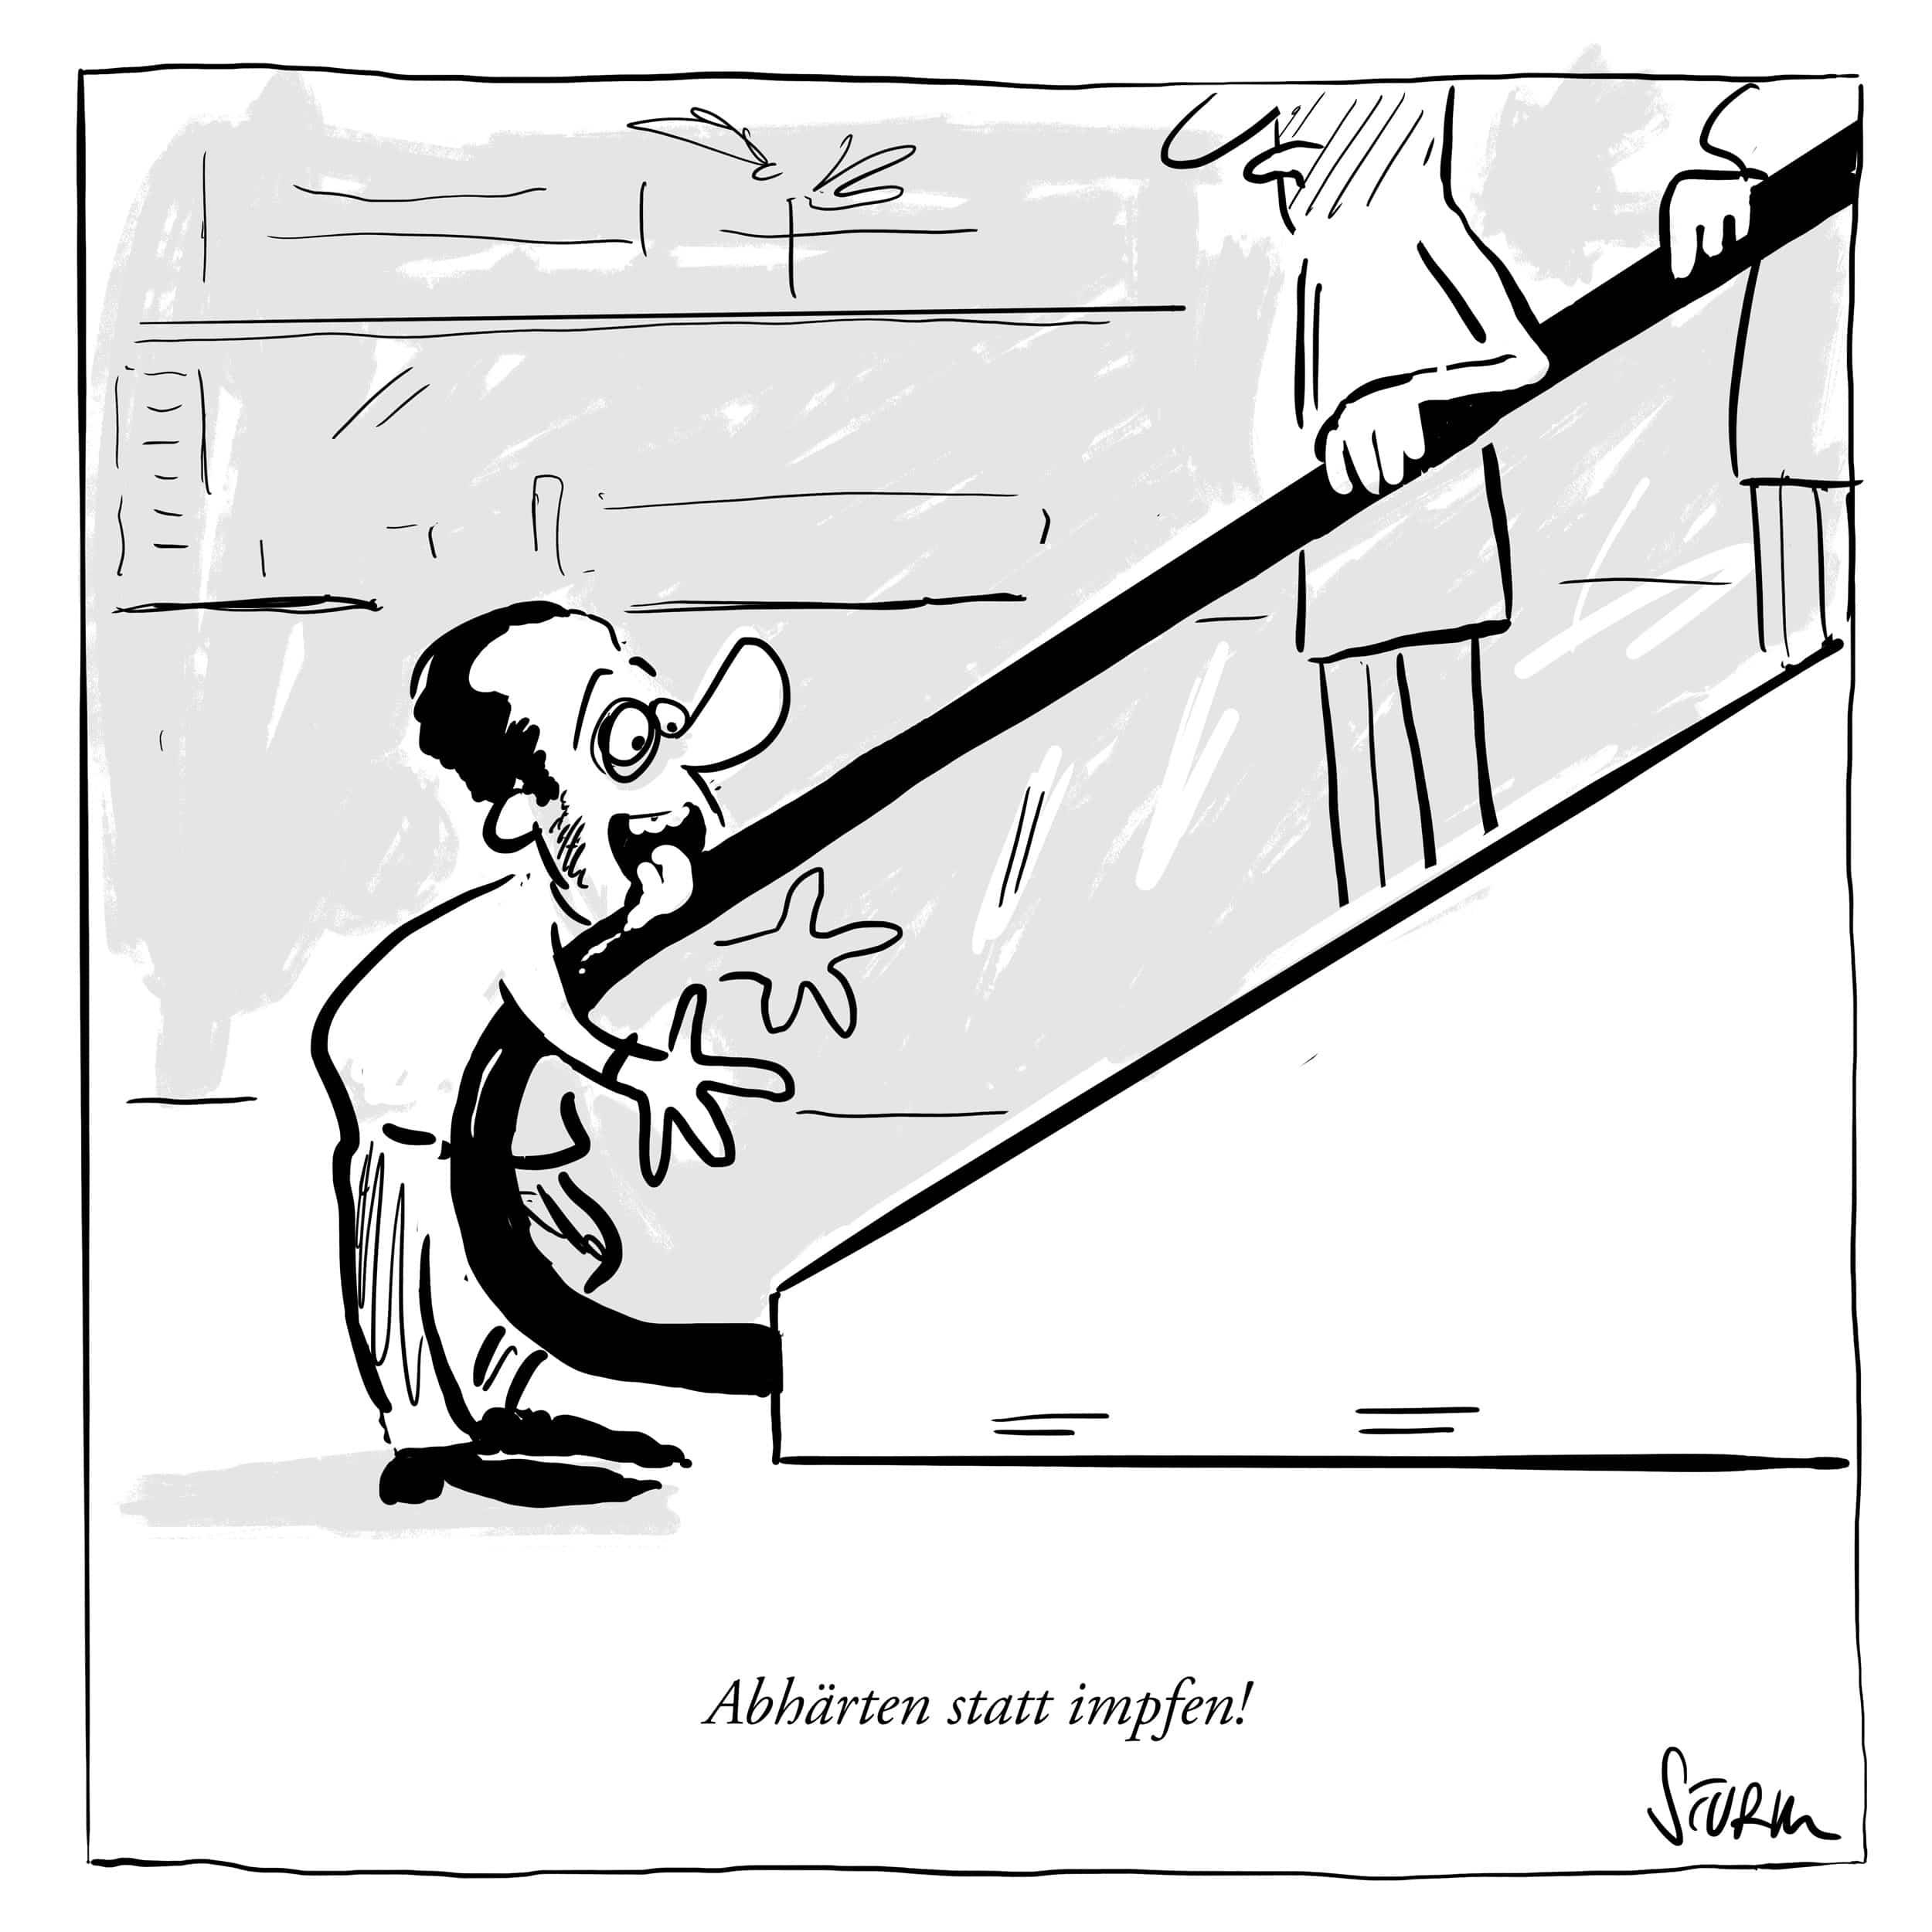 Abhärten statt impfen - Cartoon von Philipp Sturm